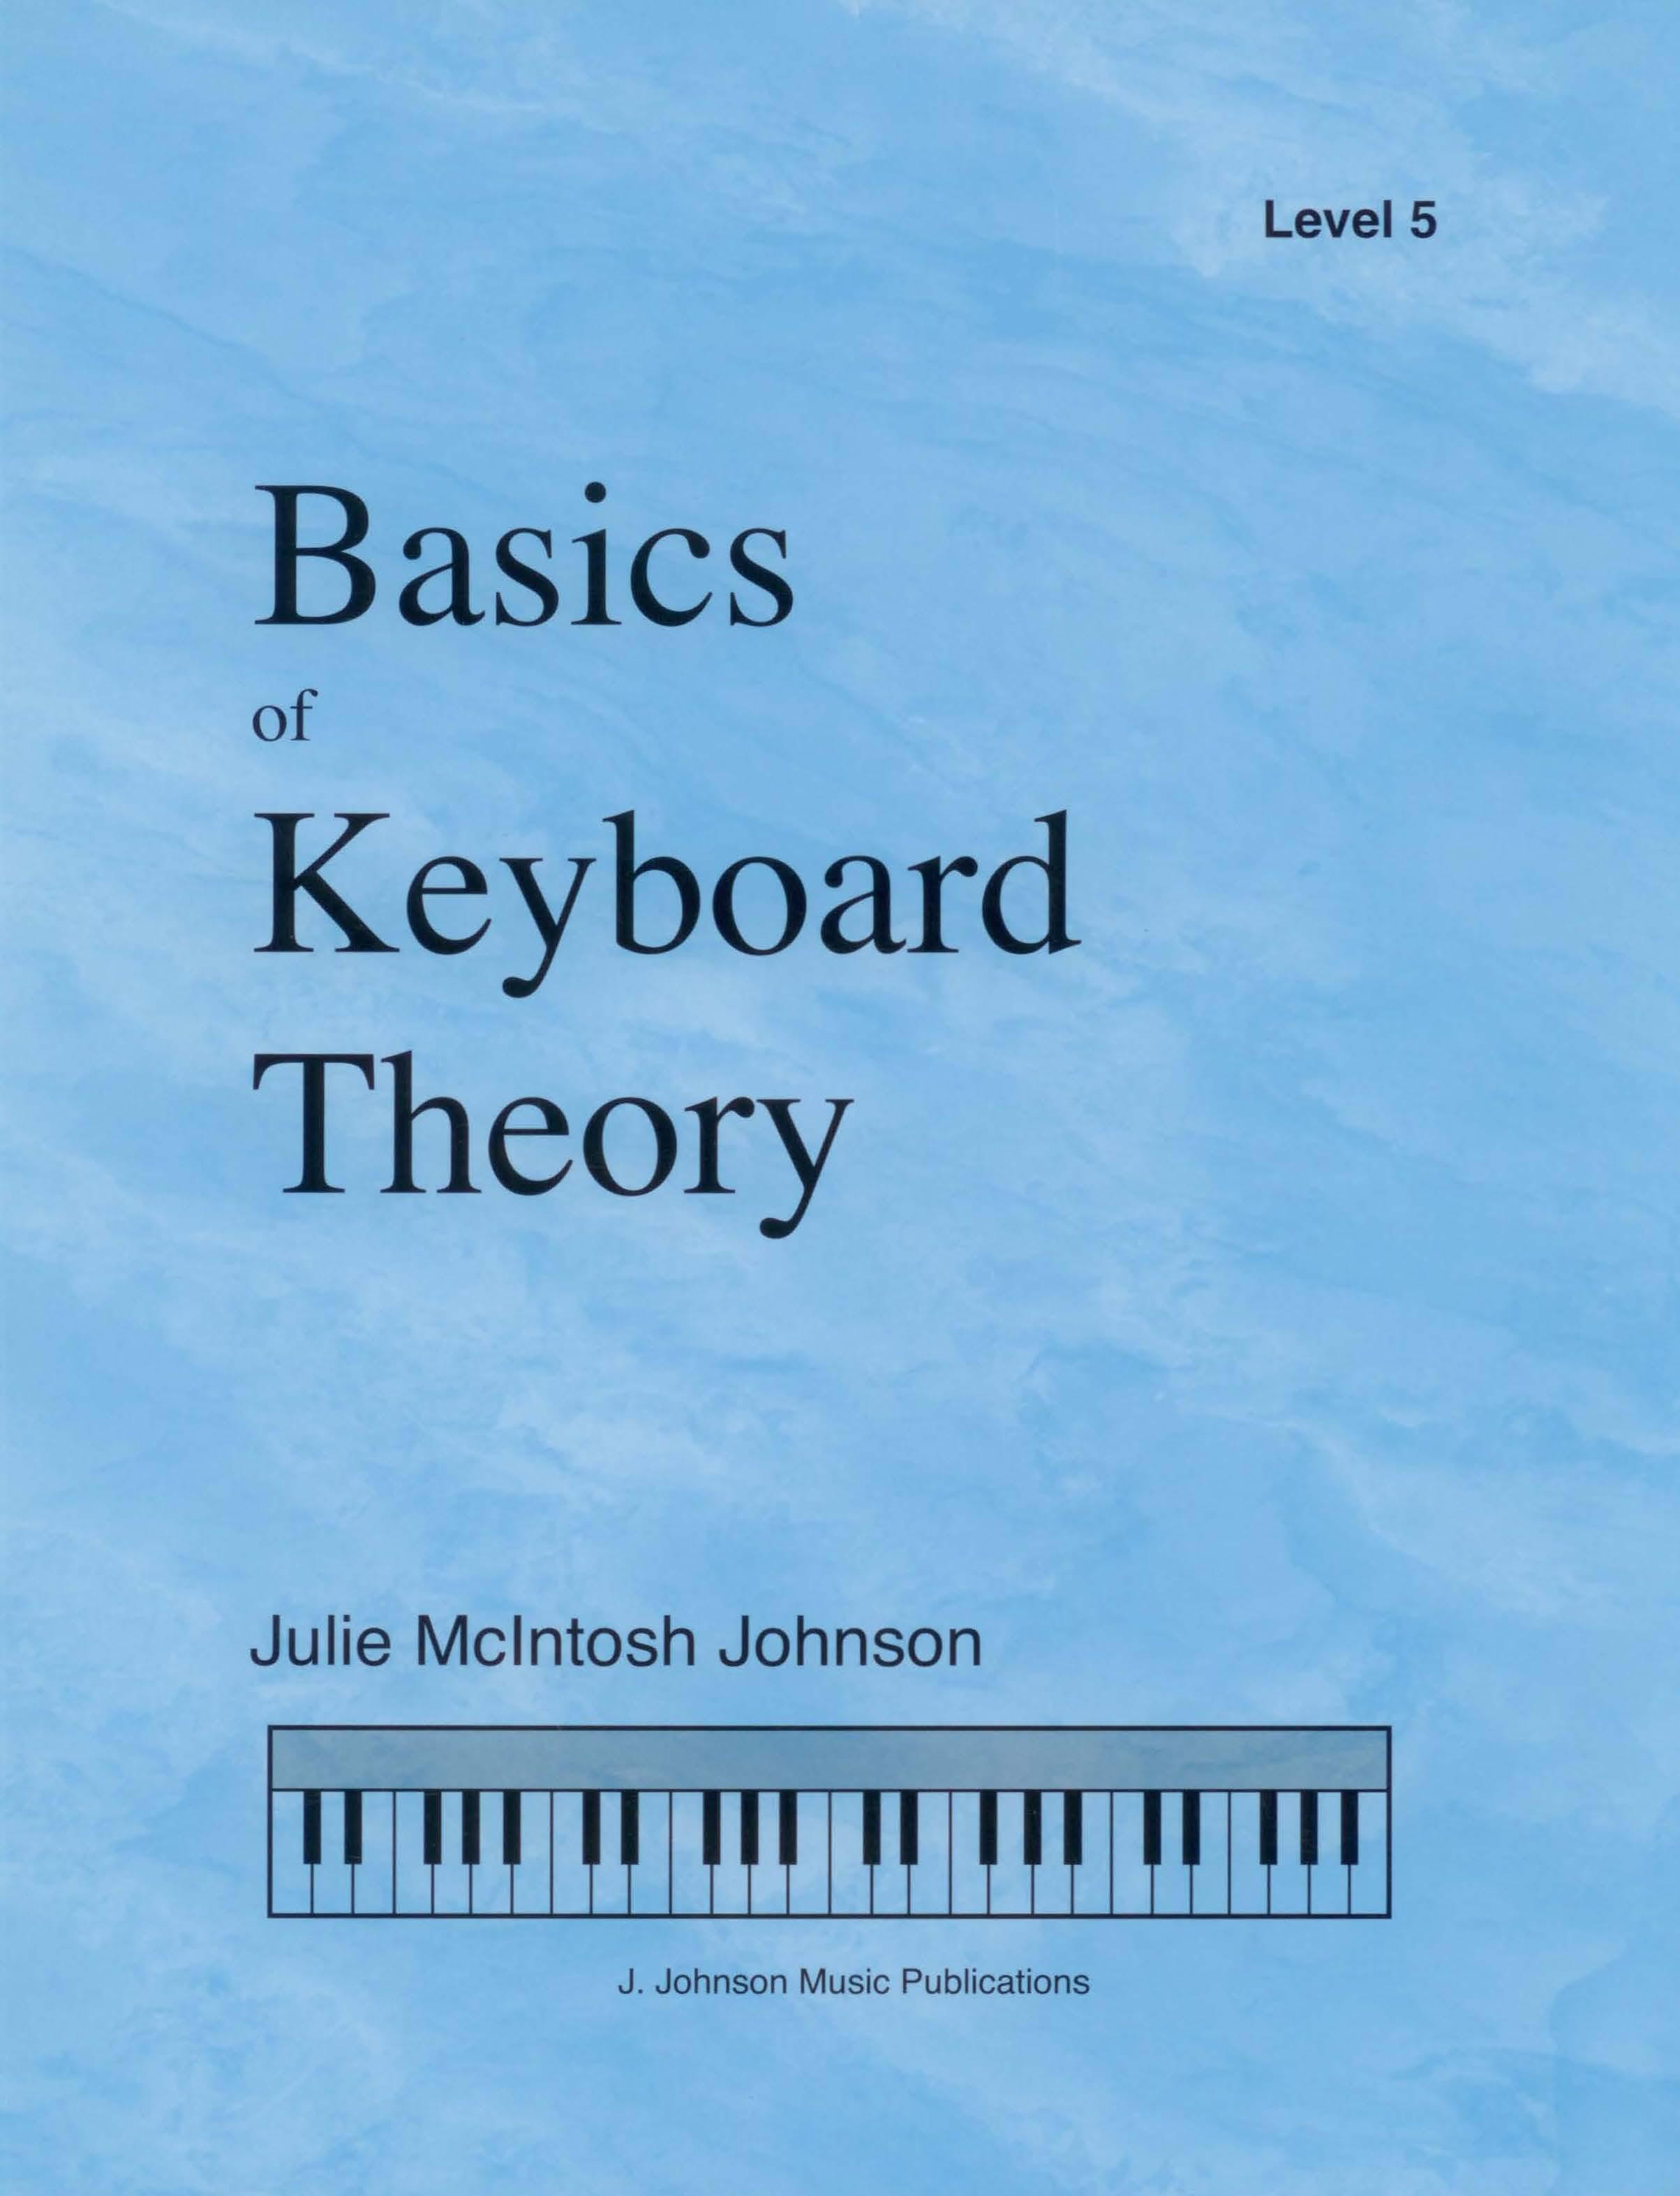 Basics of Keyboard Theory Level 5